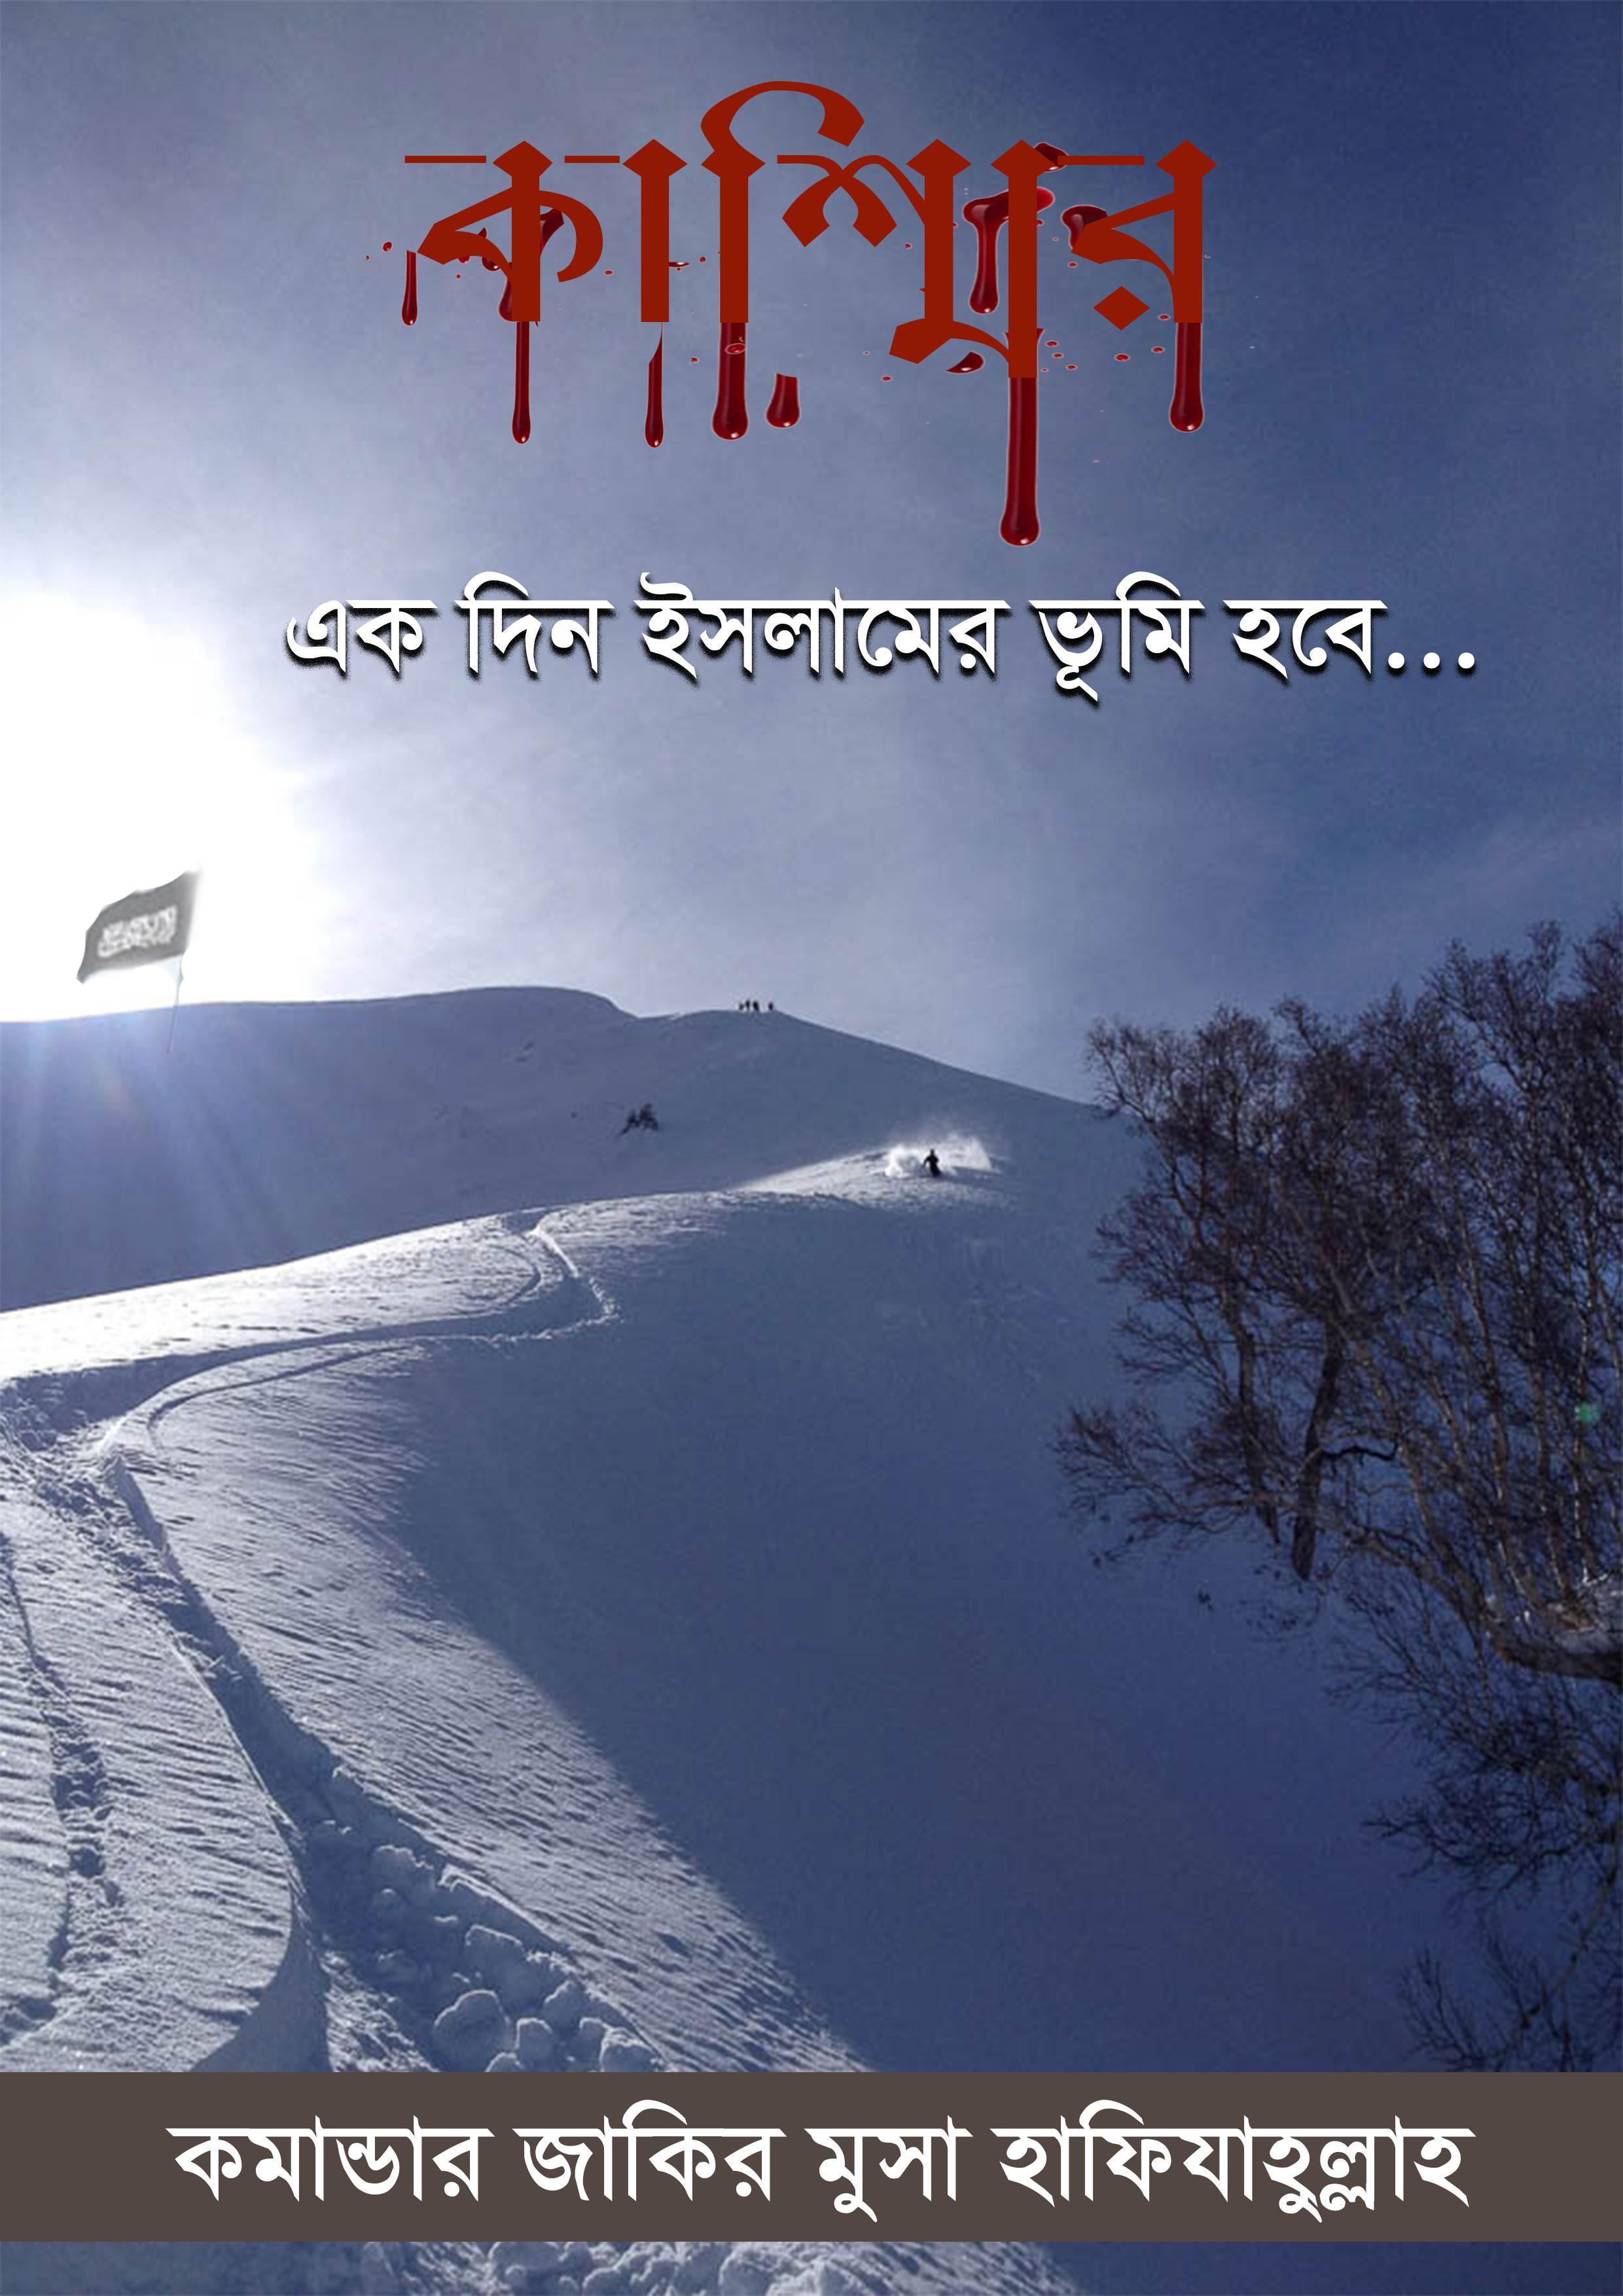 পিডিএফ/ওয়ার্ড || কাশ্মির এক দিন ইসলামের ভুমি হবে! -কমান্ডার জাকির মুসা হাফিজাহুল্লাহ